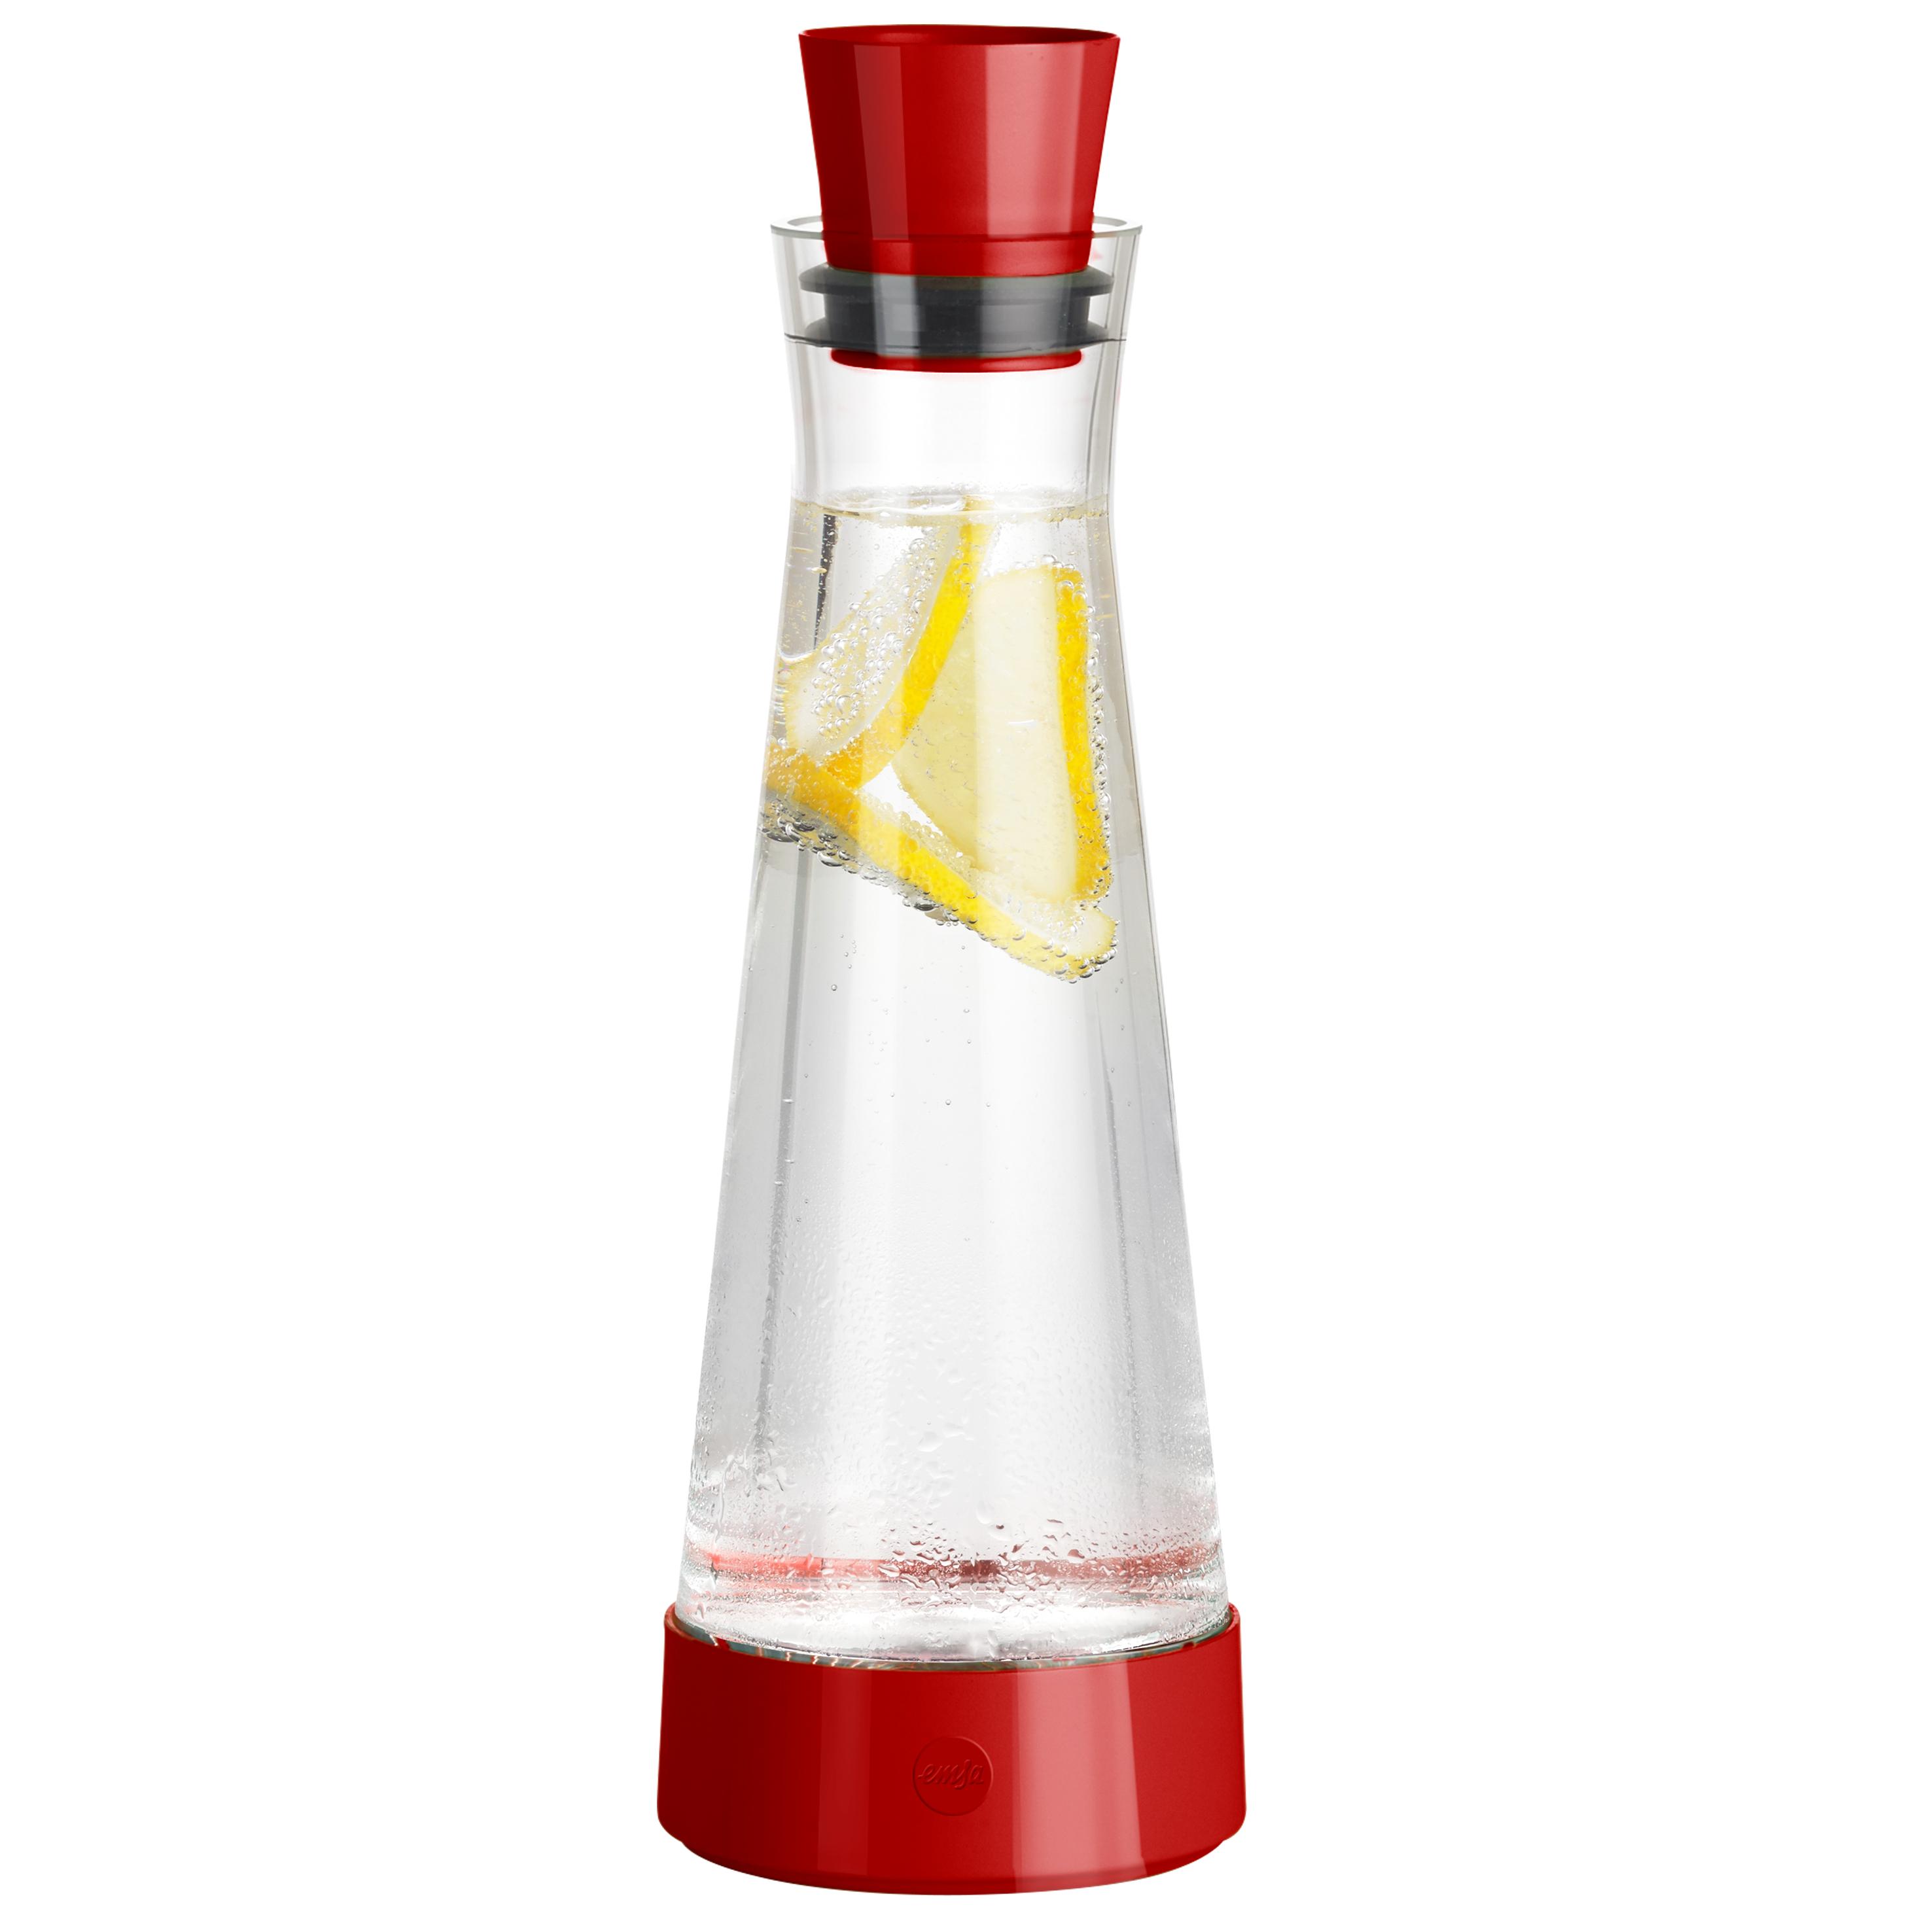 EMSA 515476 FLOW SLIM FRIENDS Glas-Kühlkaraffe 1,0 L Rot